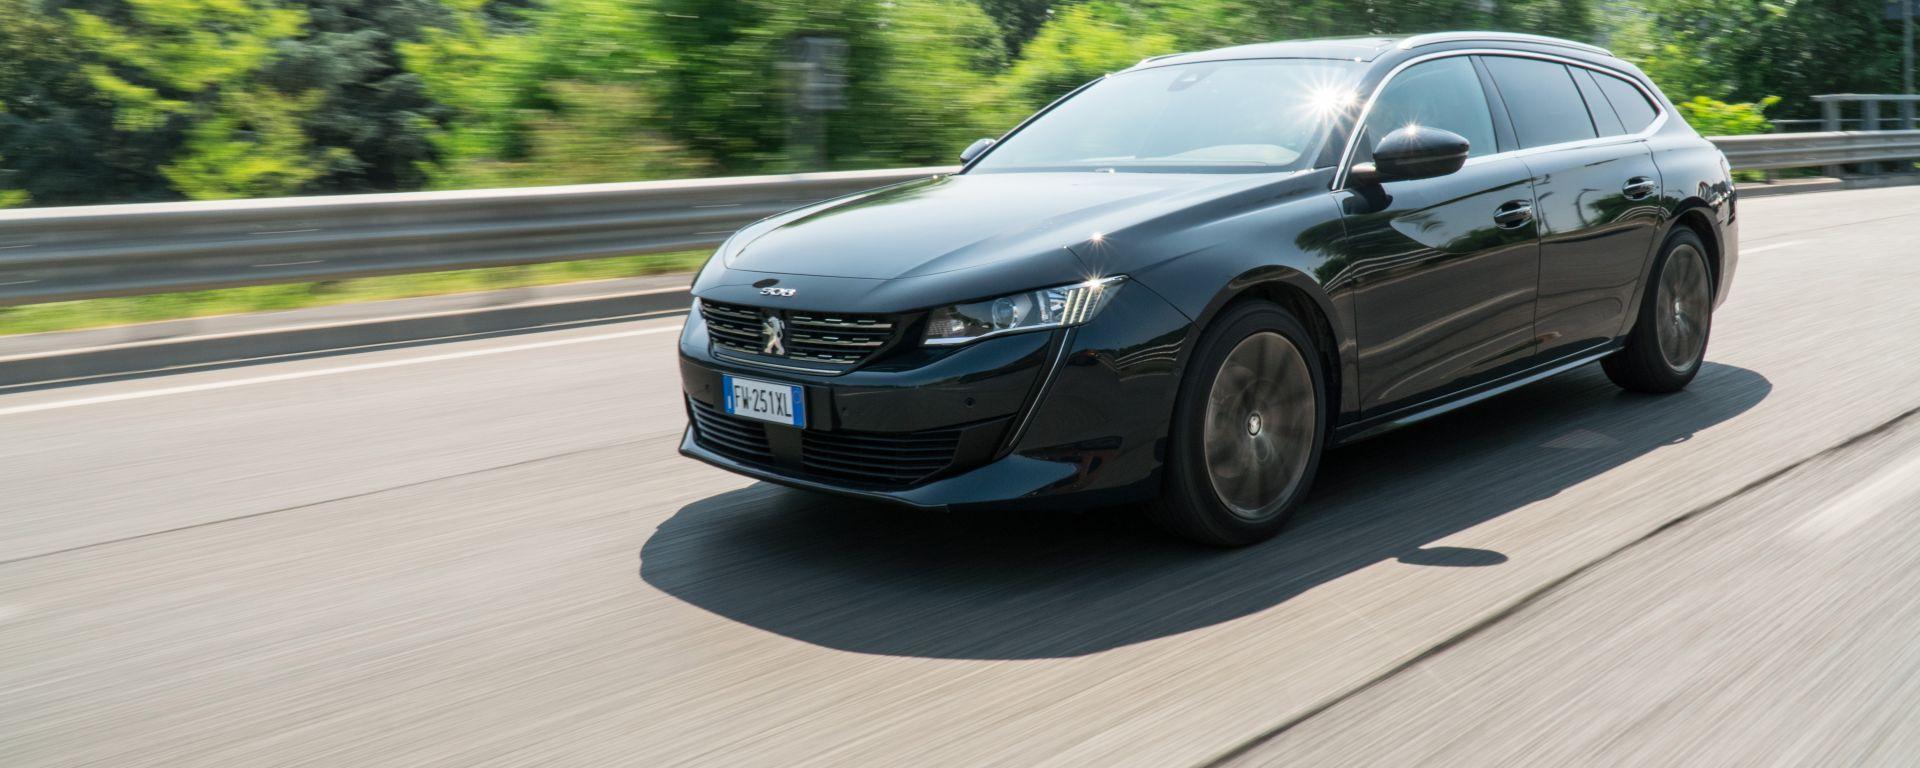 Peugeot 508 SW 2019 1.6 PureTech Turbo Allure EAT8: la prova su strada